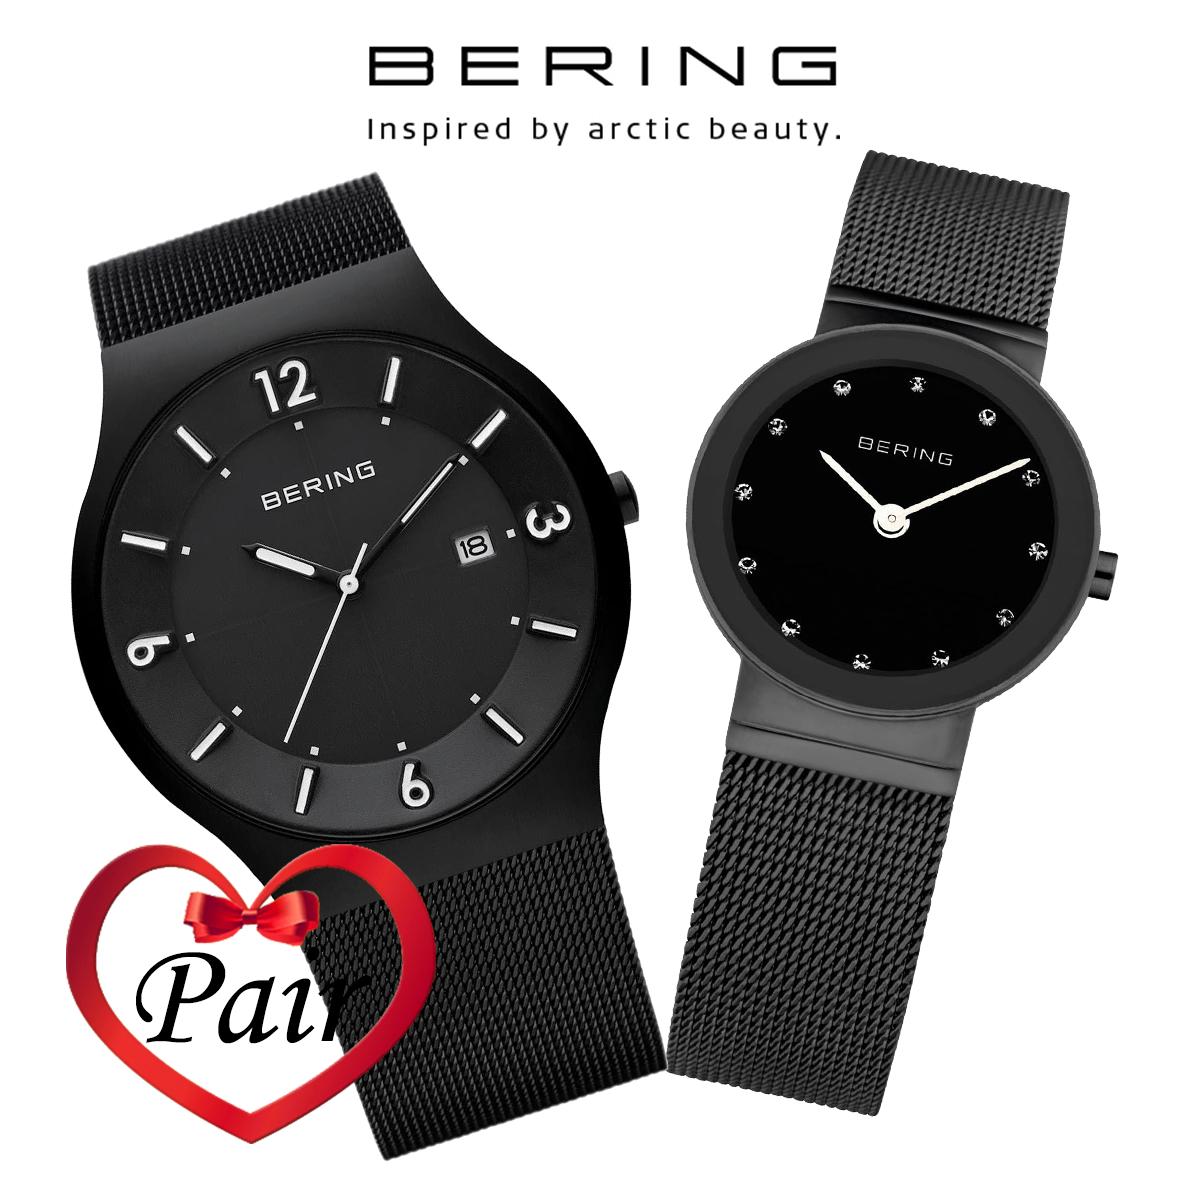 【全品送料無料】 ベーリング BERING 11940-222 10126-077 ペア 時計 腕時計